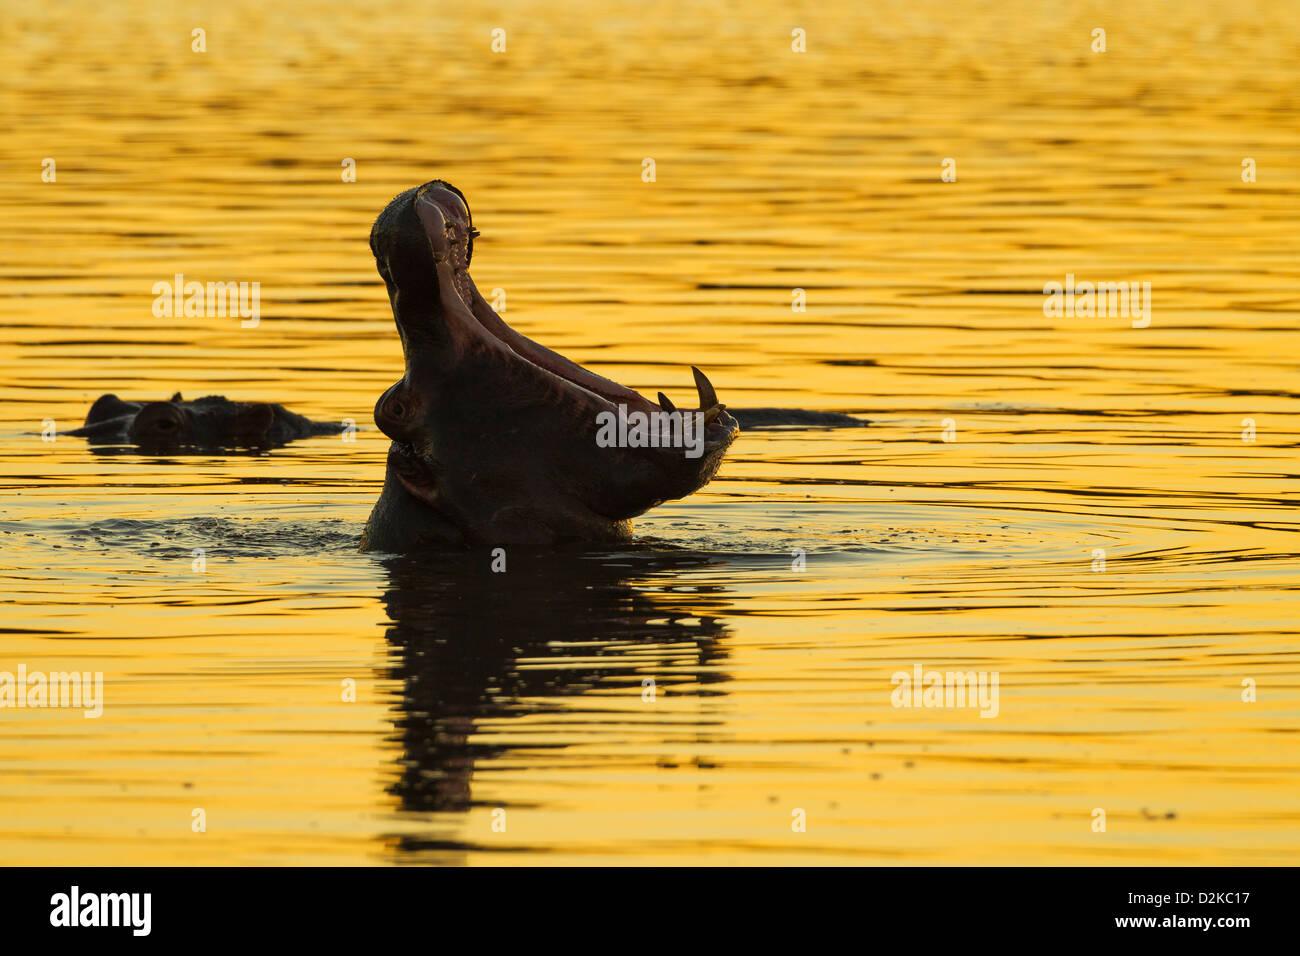 Silhueta de um hipopótamo bocejar no golden luz do fim de tarde Imagens de Stock